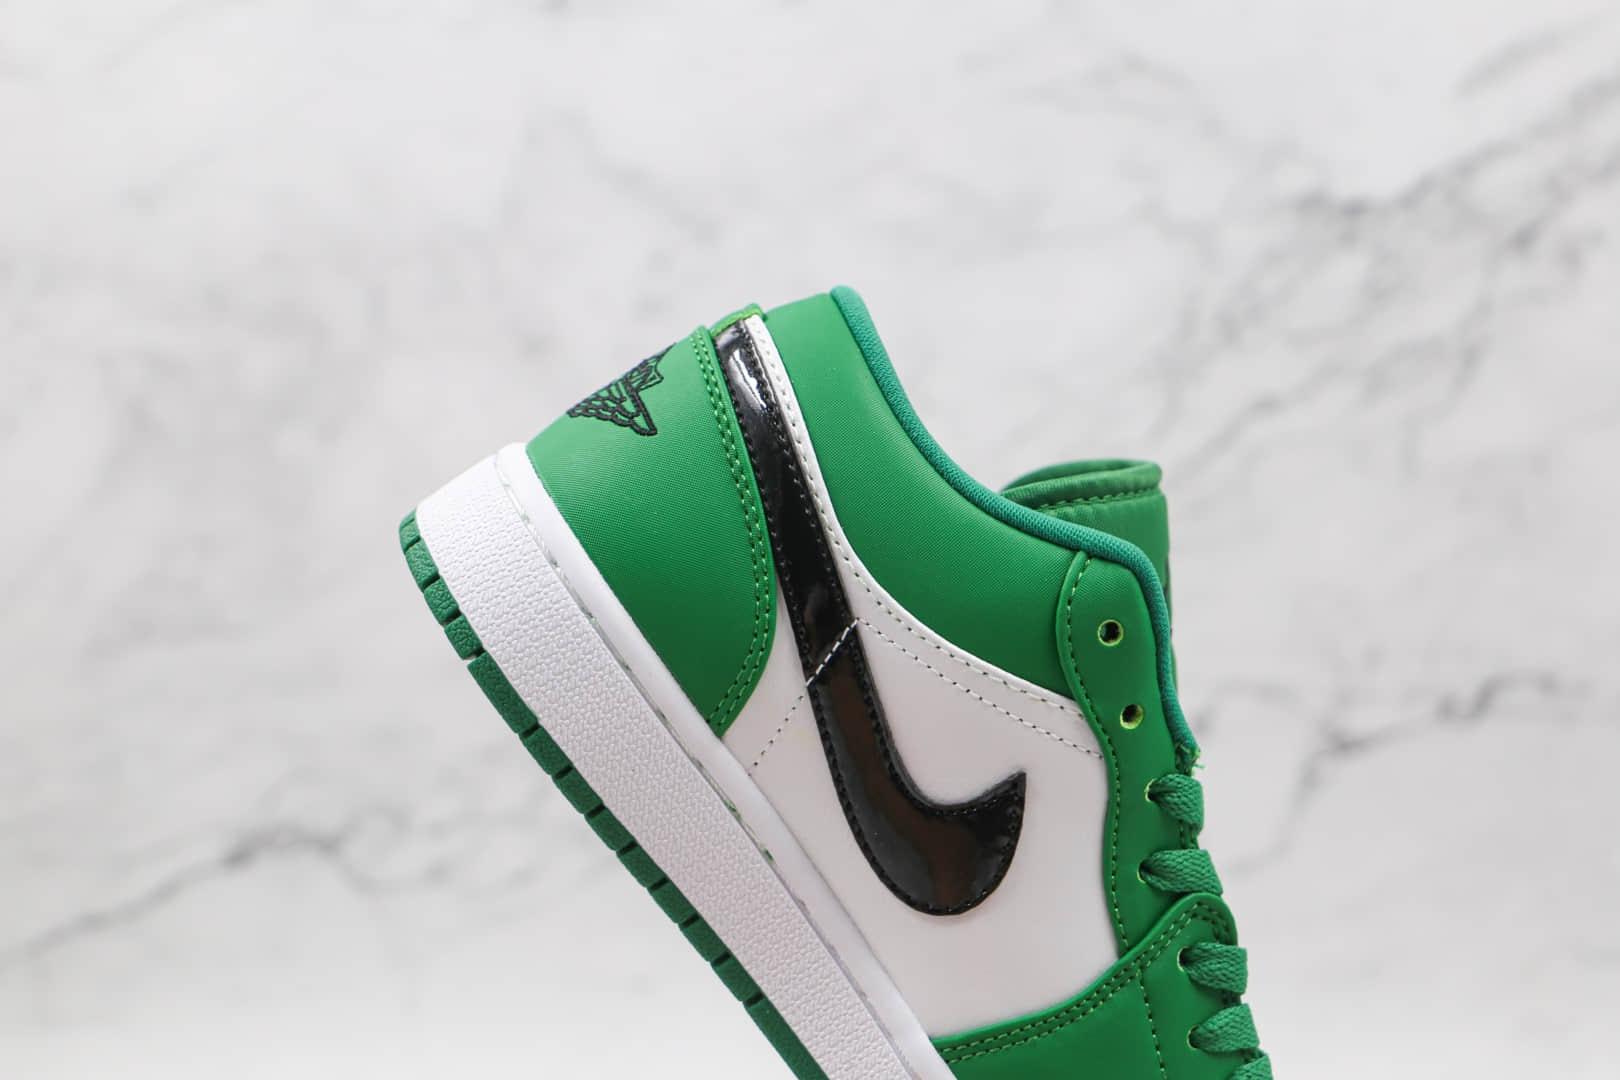 乔丹Air Jordan1 Low纯原版本低帮AJ1白绿色凯尔特人板鞋原盒原标 货号:553560-301